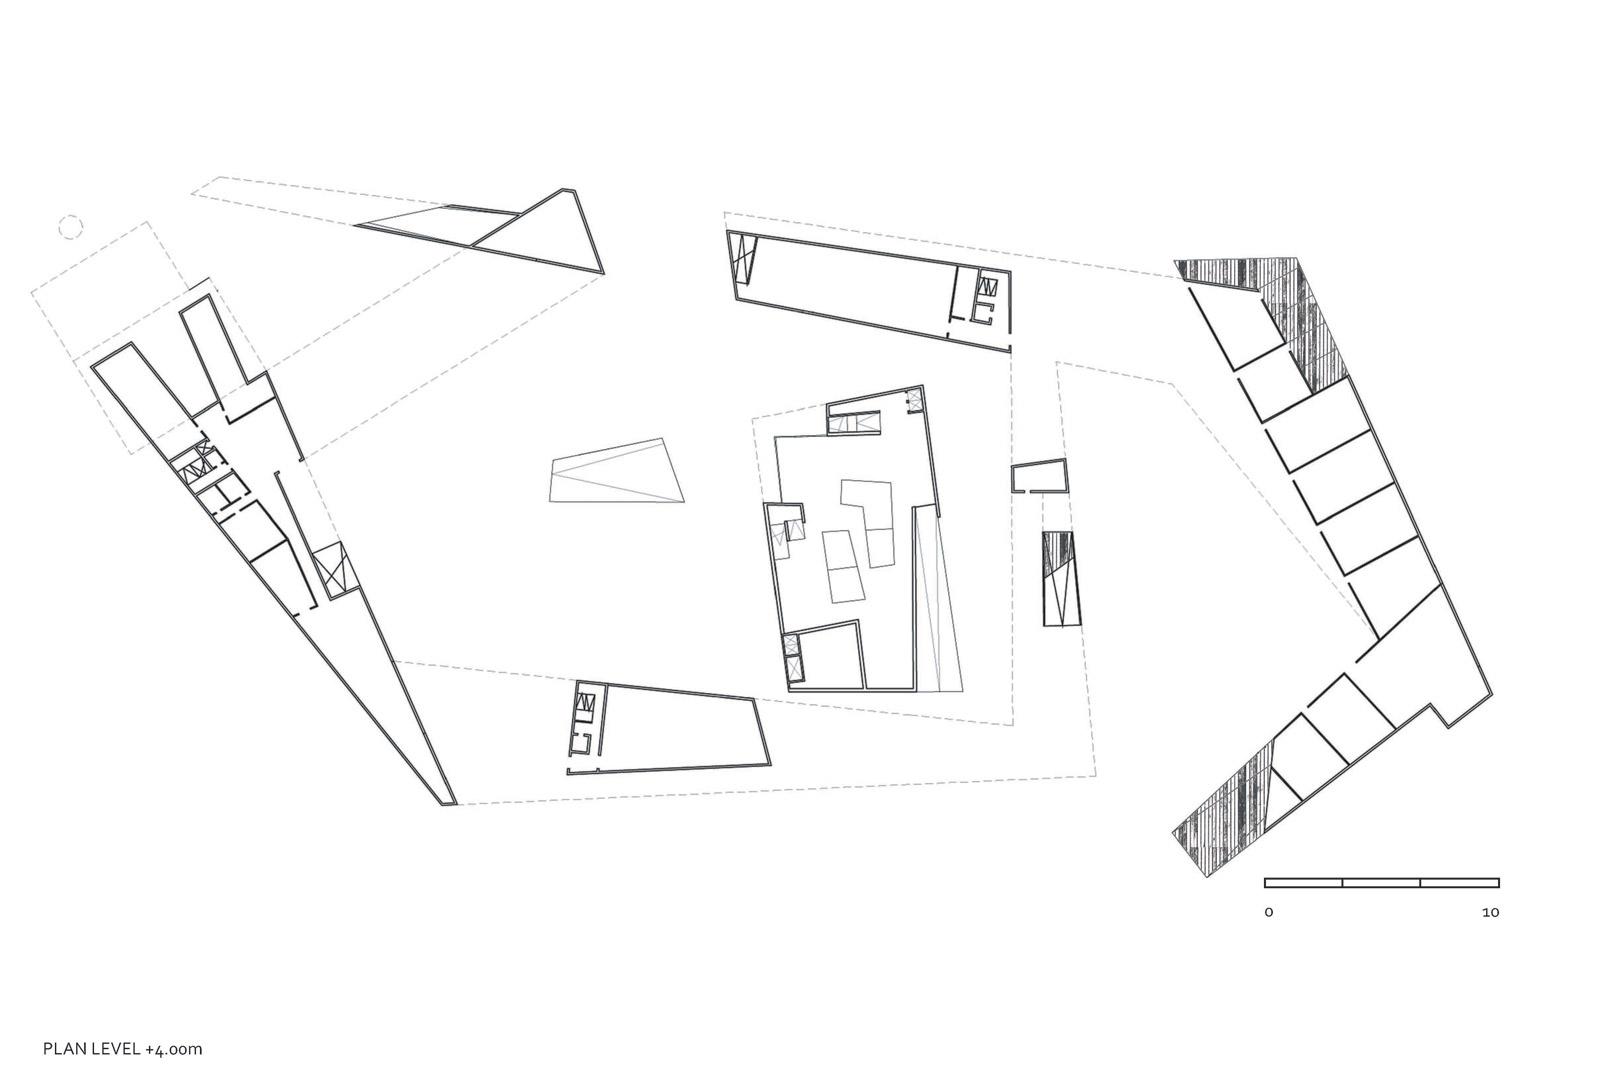 Europan7-4_plan-+4m.jpg